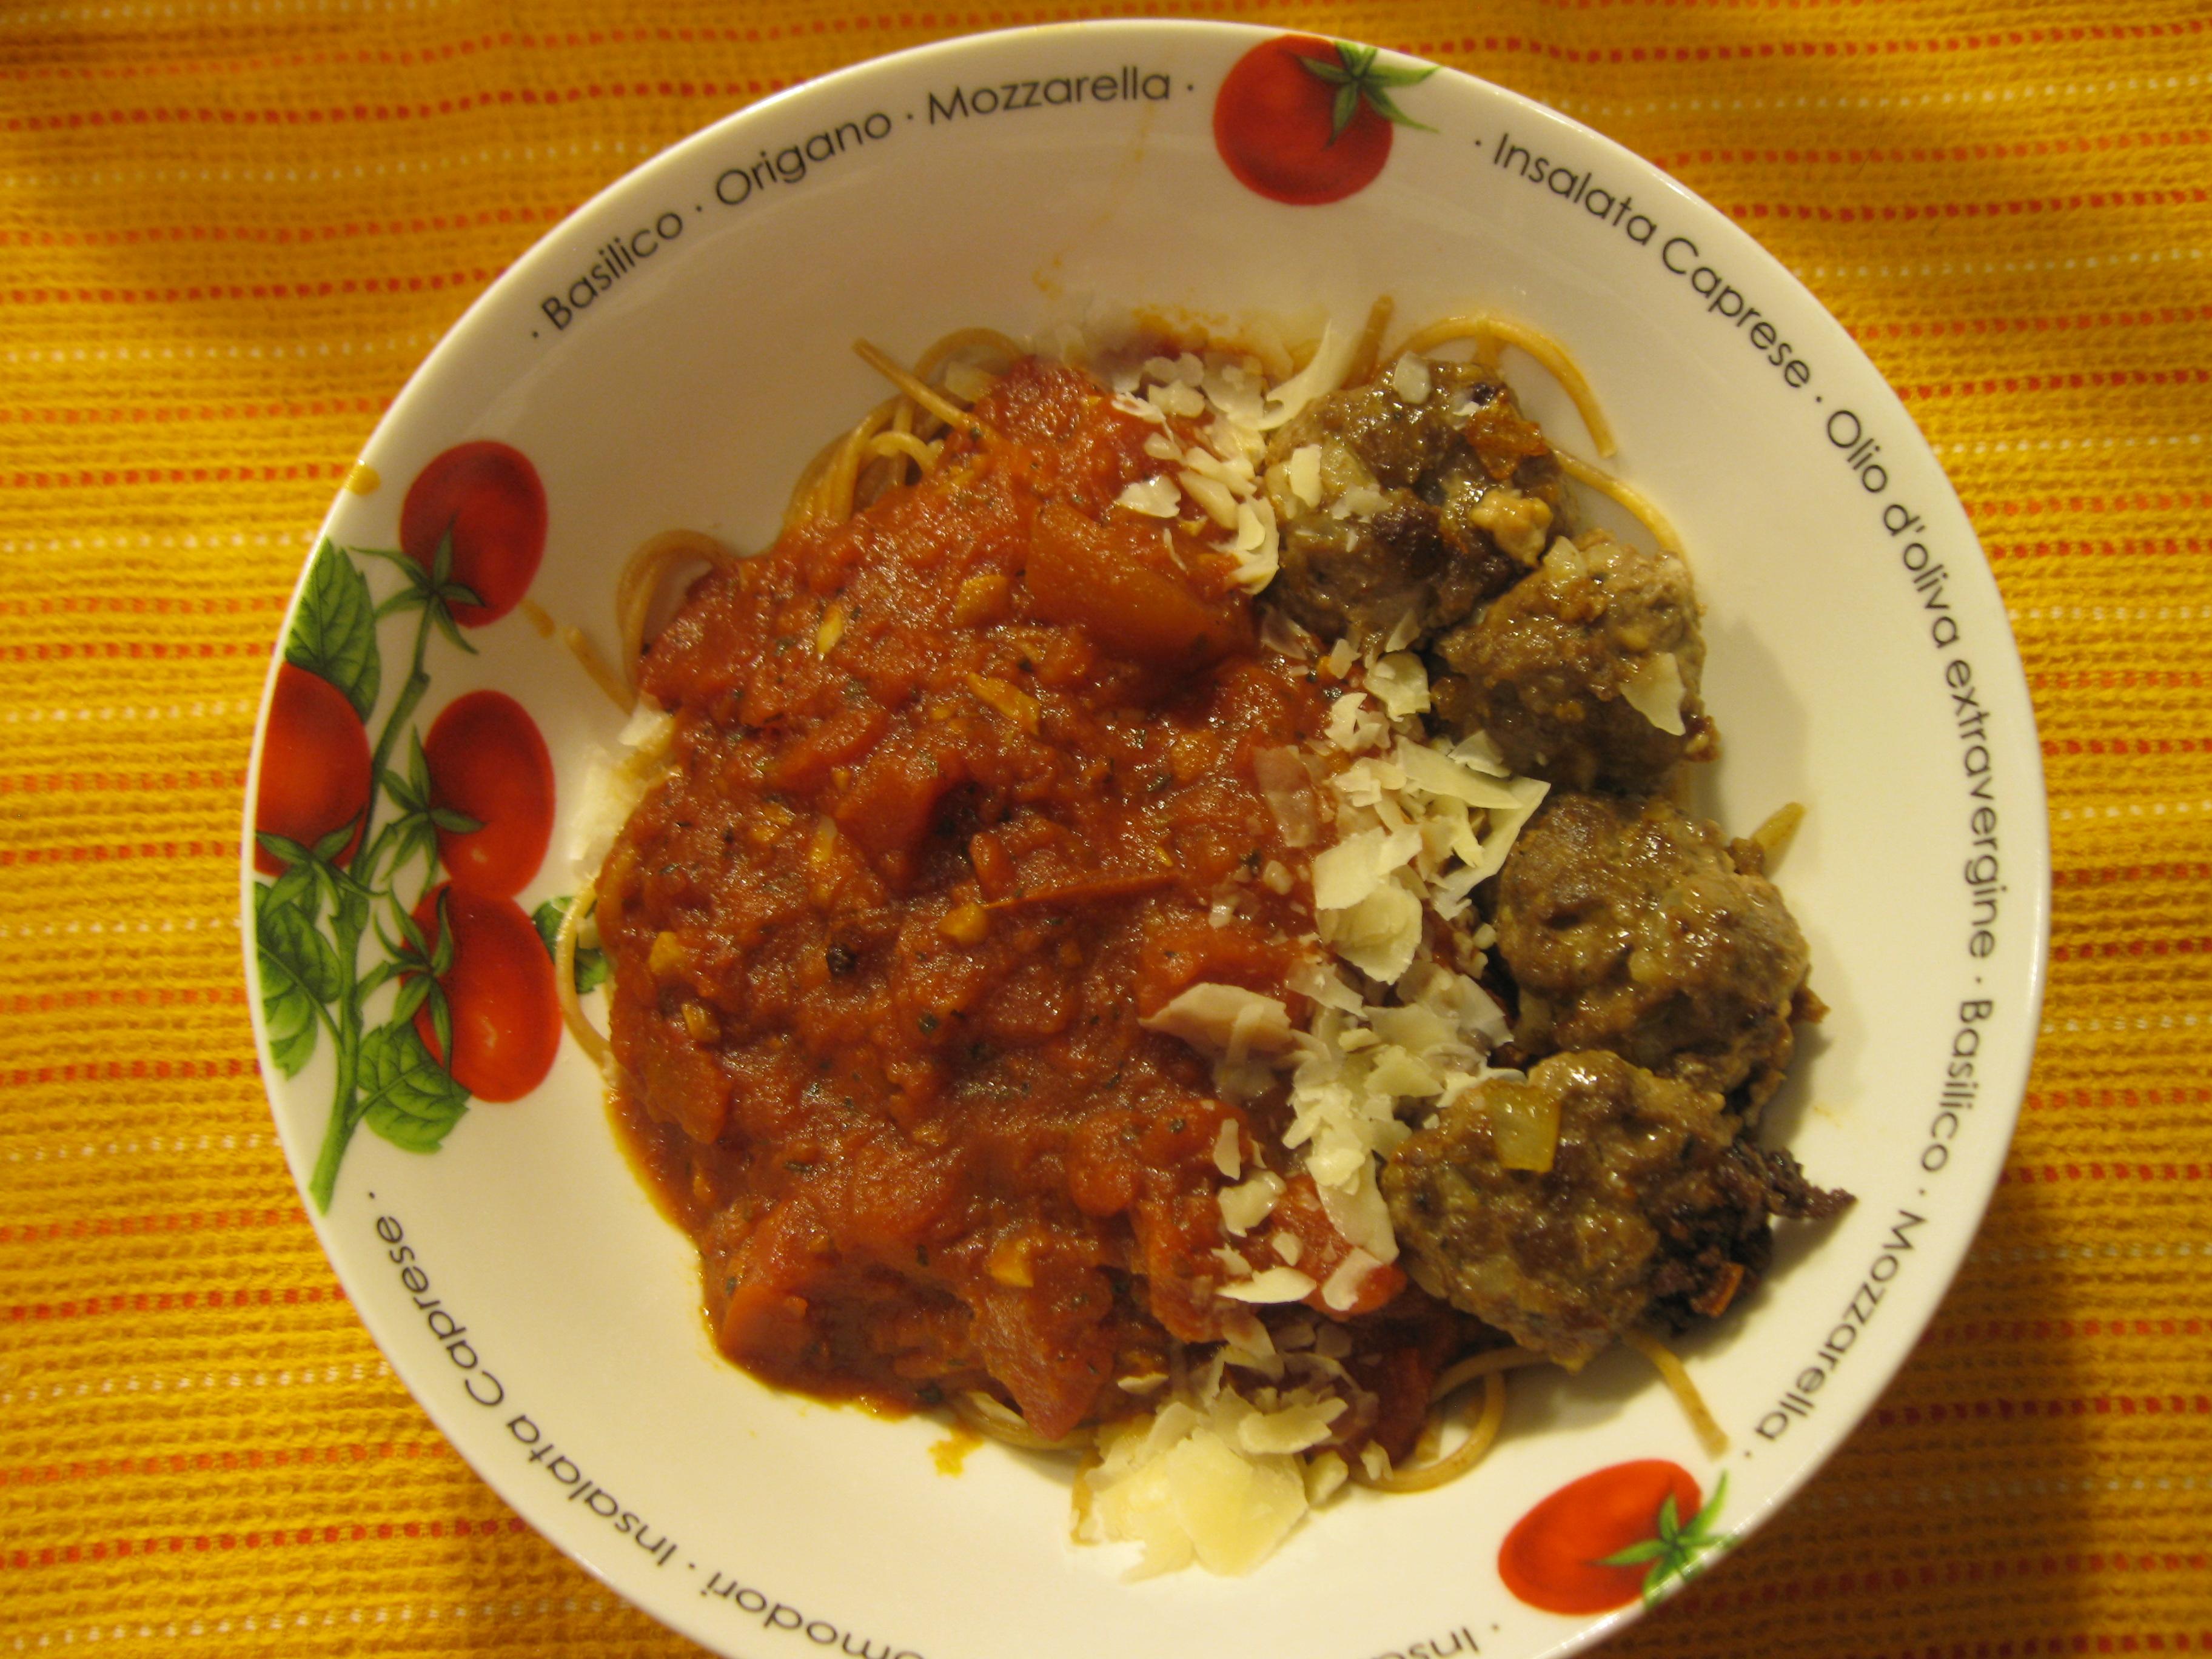 Recipe 23.1: Spaghetti and Meatballs